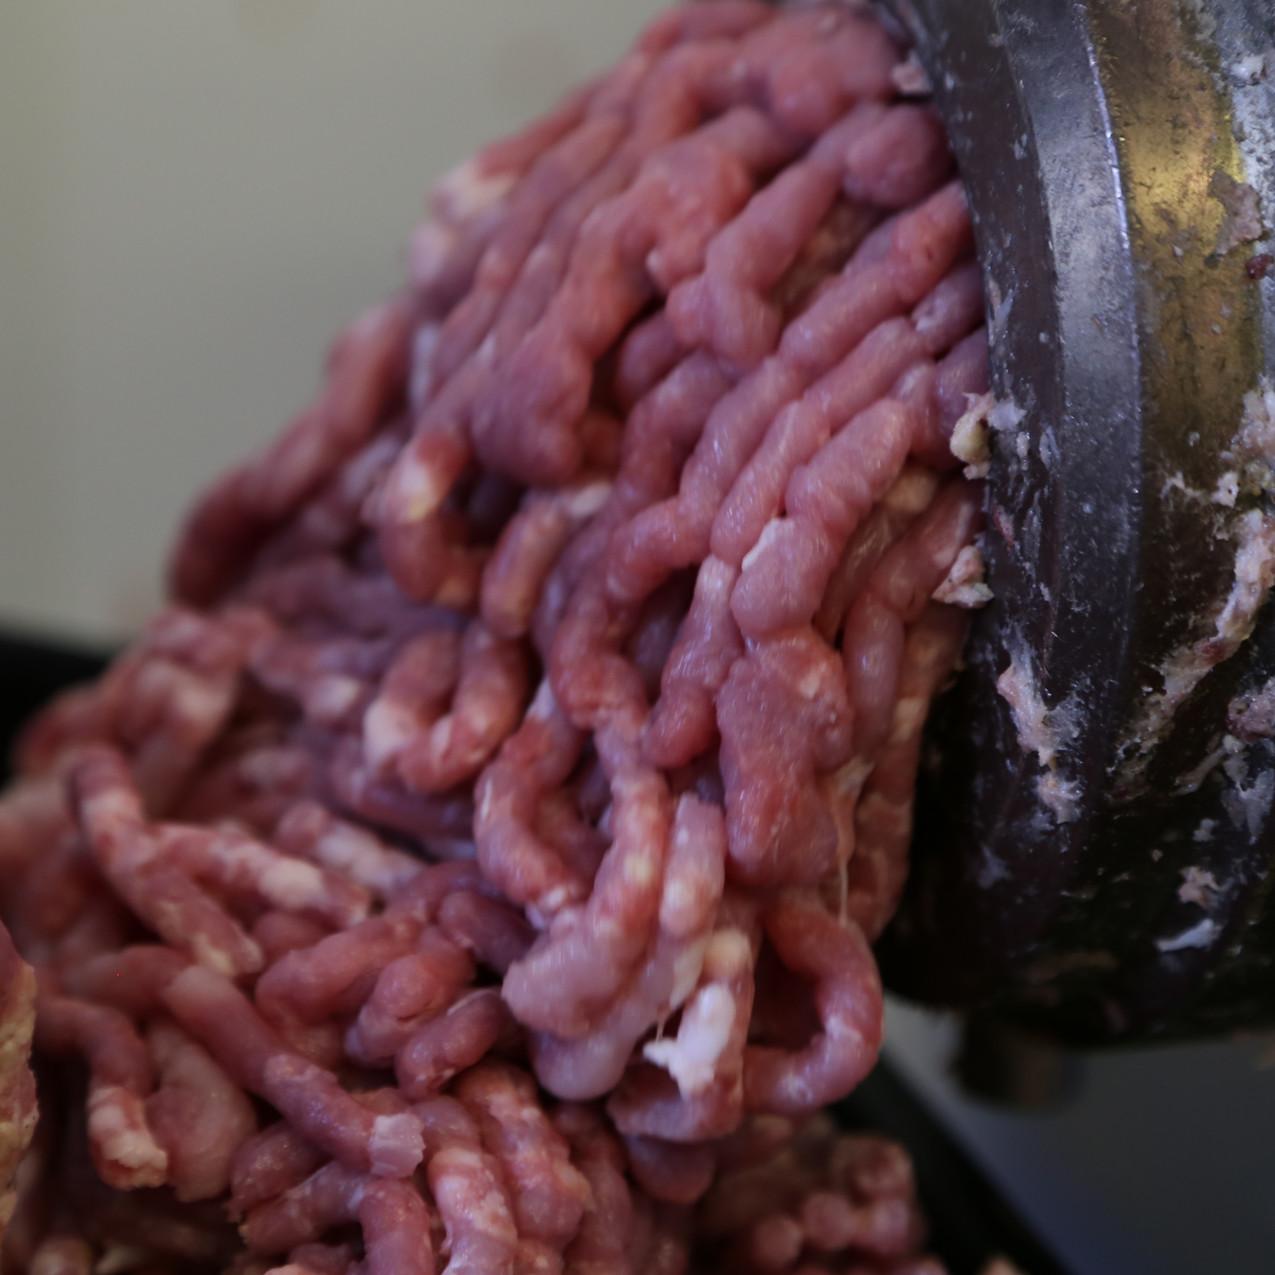 Making sausages 2